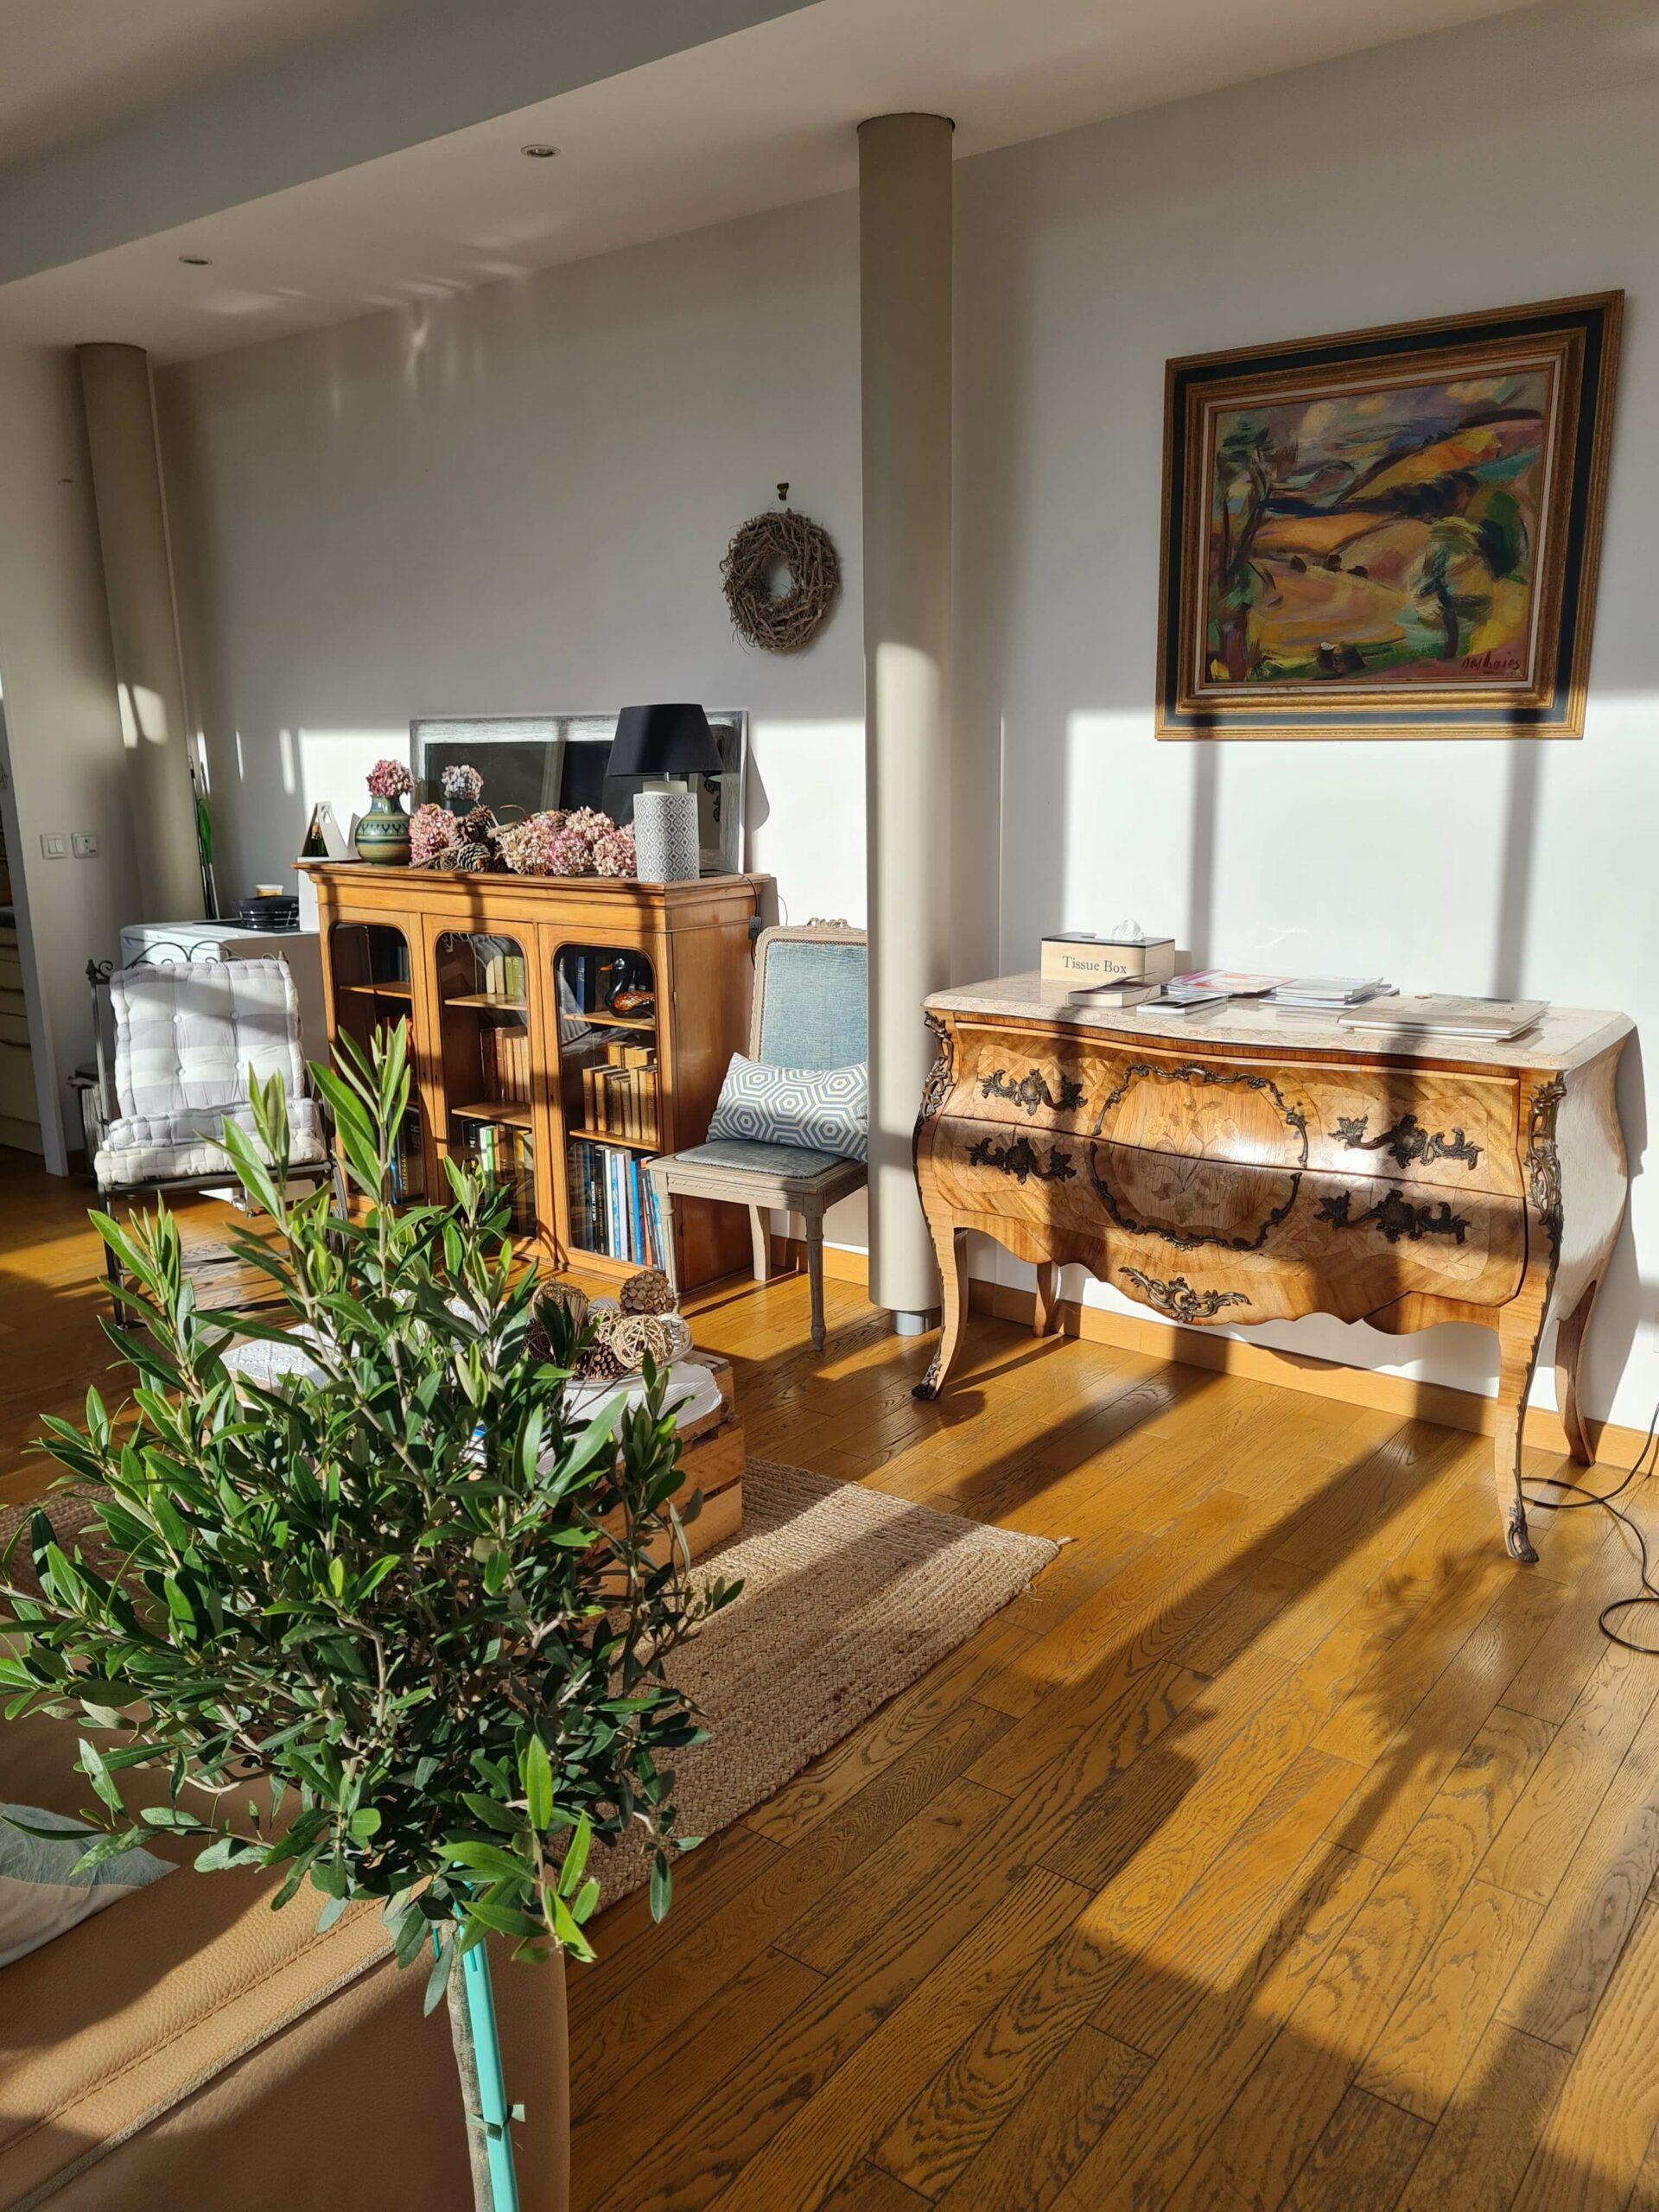 20210213 143302 scaled - Airbnb Tour : visite privée d'une tiny house à Bayeux